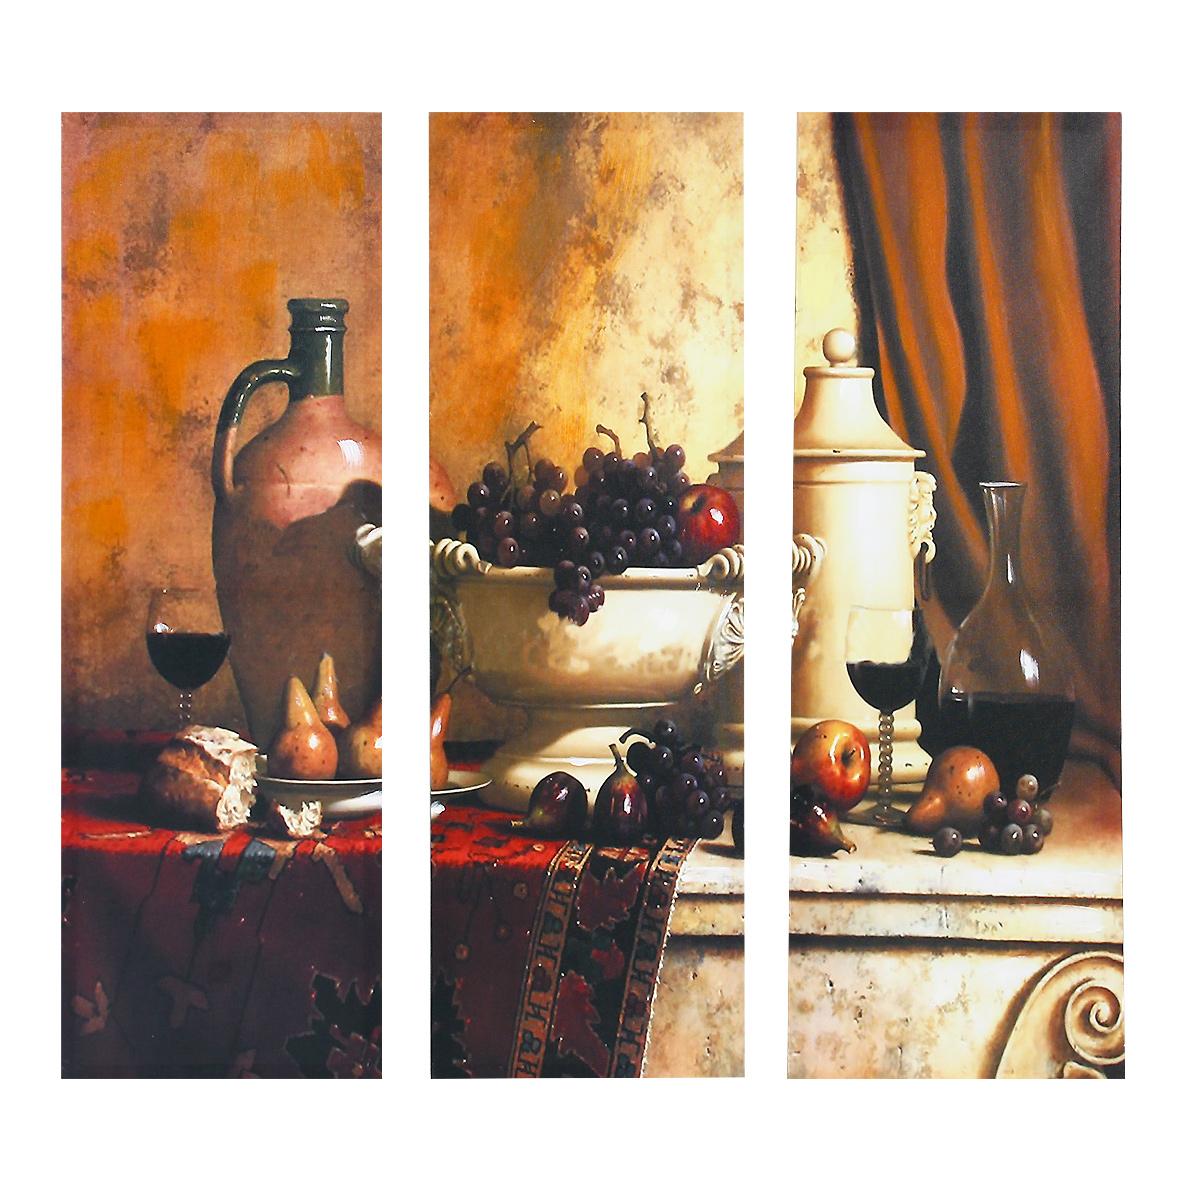 """Картина-репродукция без рамки """"Вино"""" выполнена из натуральной древесины. Техника выполнения - масляная печать на холсте с ручной подрисовкой. Картина состоит из трех частей с изображением винограда и бокалов с красным вином. Такая картина - вдохновляющее декоративное решение, привносящее в интерьер нотки творчества и изысканности! Благодаря оригинальному дизайну картина дополнит интерьер любого помещения, а также сможет стать изысканным подарком для ваших друзей и близких."""